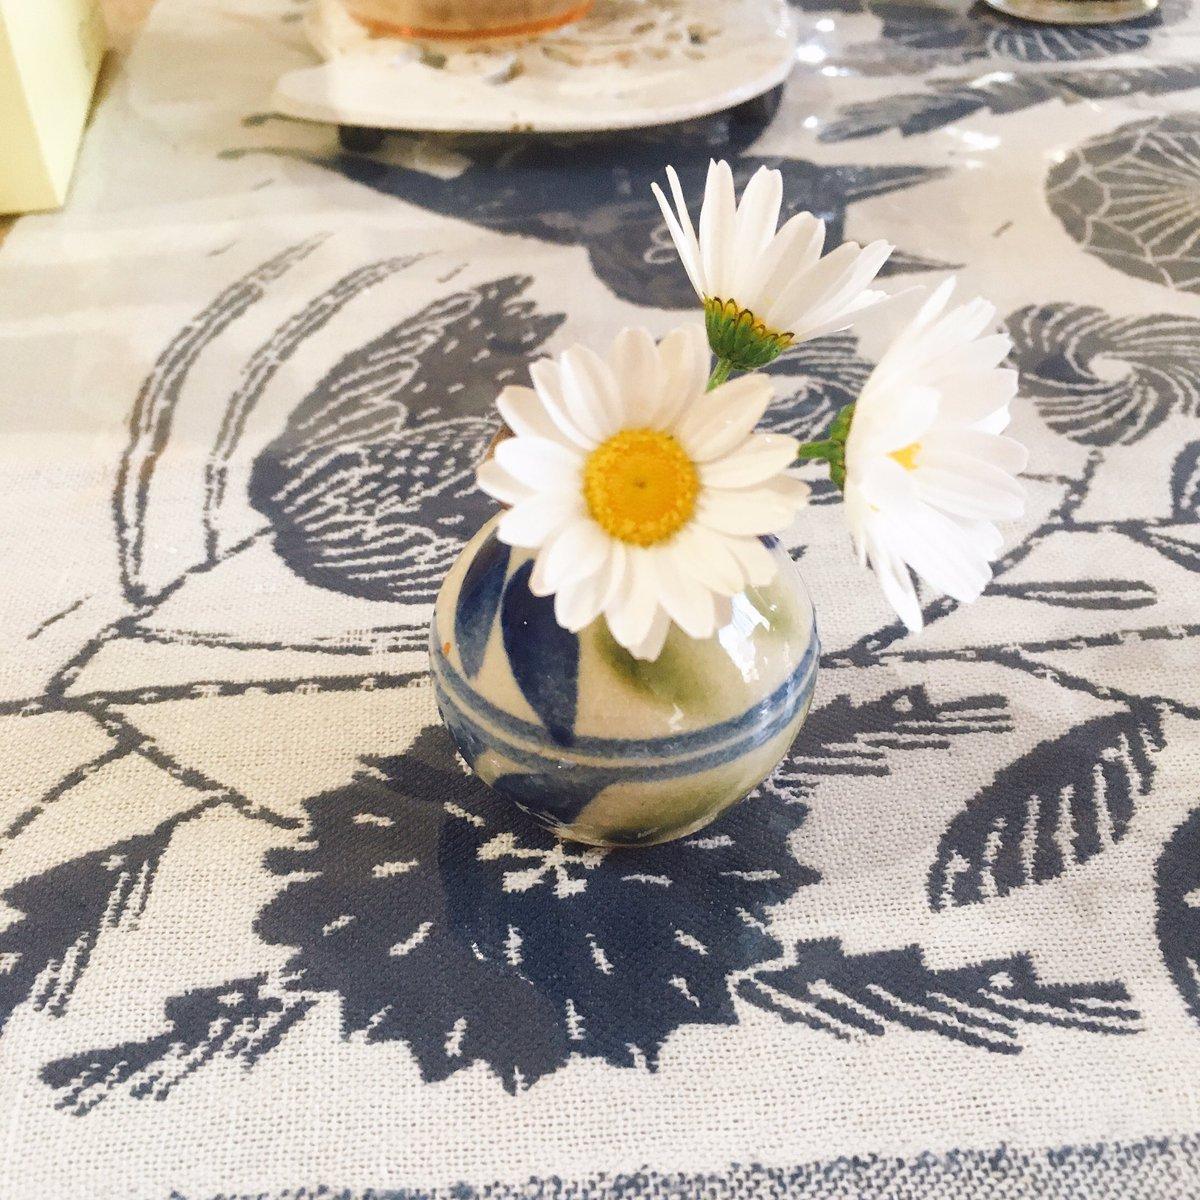 test ツイッターメディア - せっかく咲いてるし飾ってみました。たまたま咲いてる花でいい組み合わせにするのはまた難しい、。 大好きな白い花、ノースポール。ミヤコワスレ、チェリーセージ。クリスマスローズのフレームにクリスマスローズ入れてみました。 https://t.co/7onoxReRXx